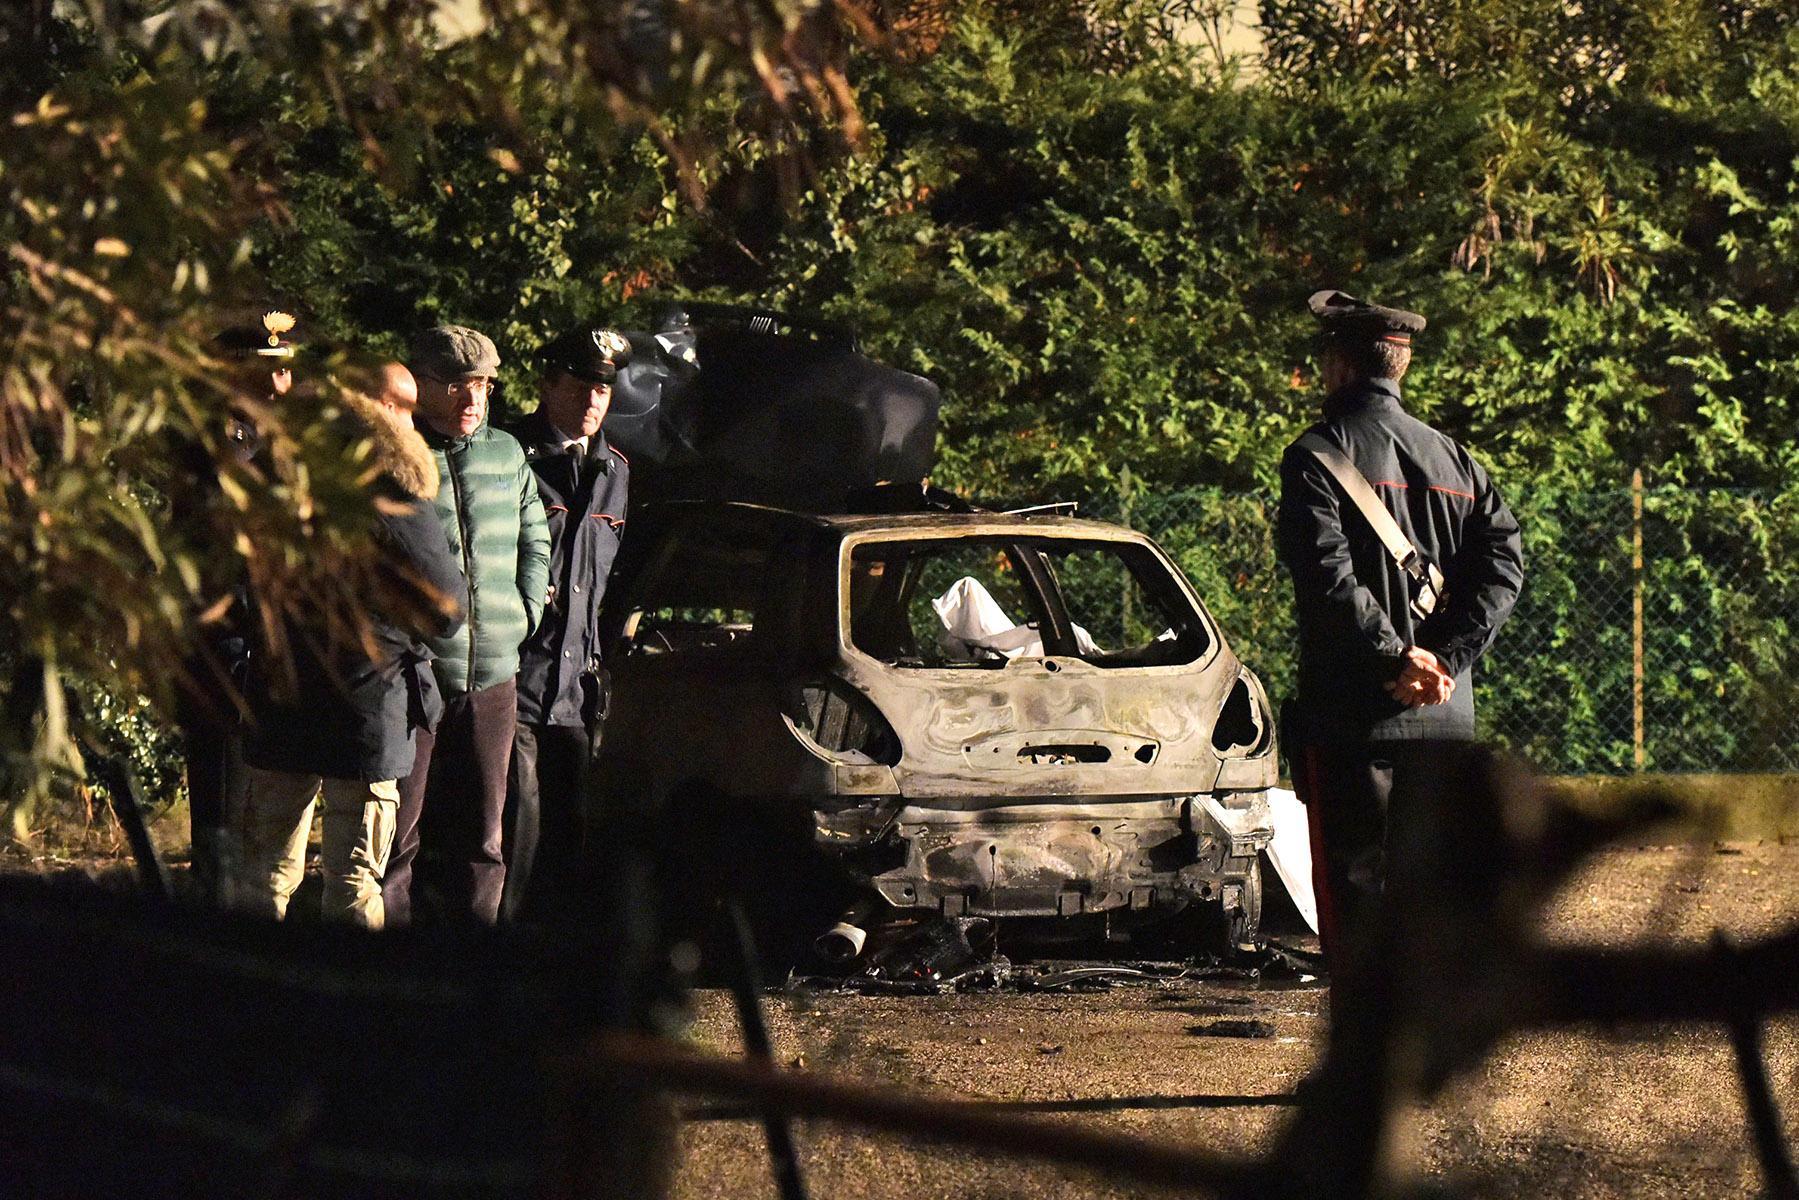 1dc8c215b7 L'auto in cui Ahmed Fdil è stato ucciso bruciato vivo da due ragazzini di